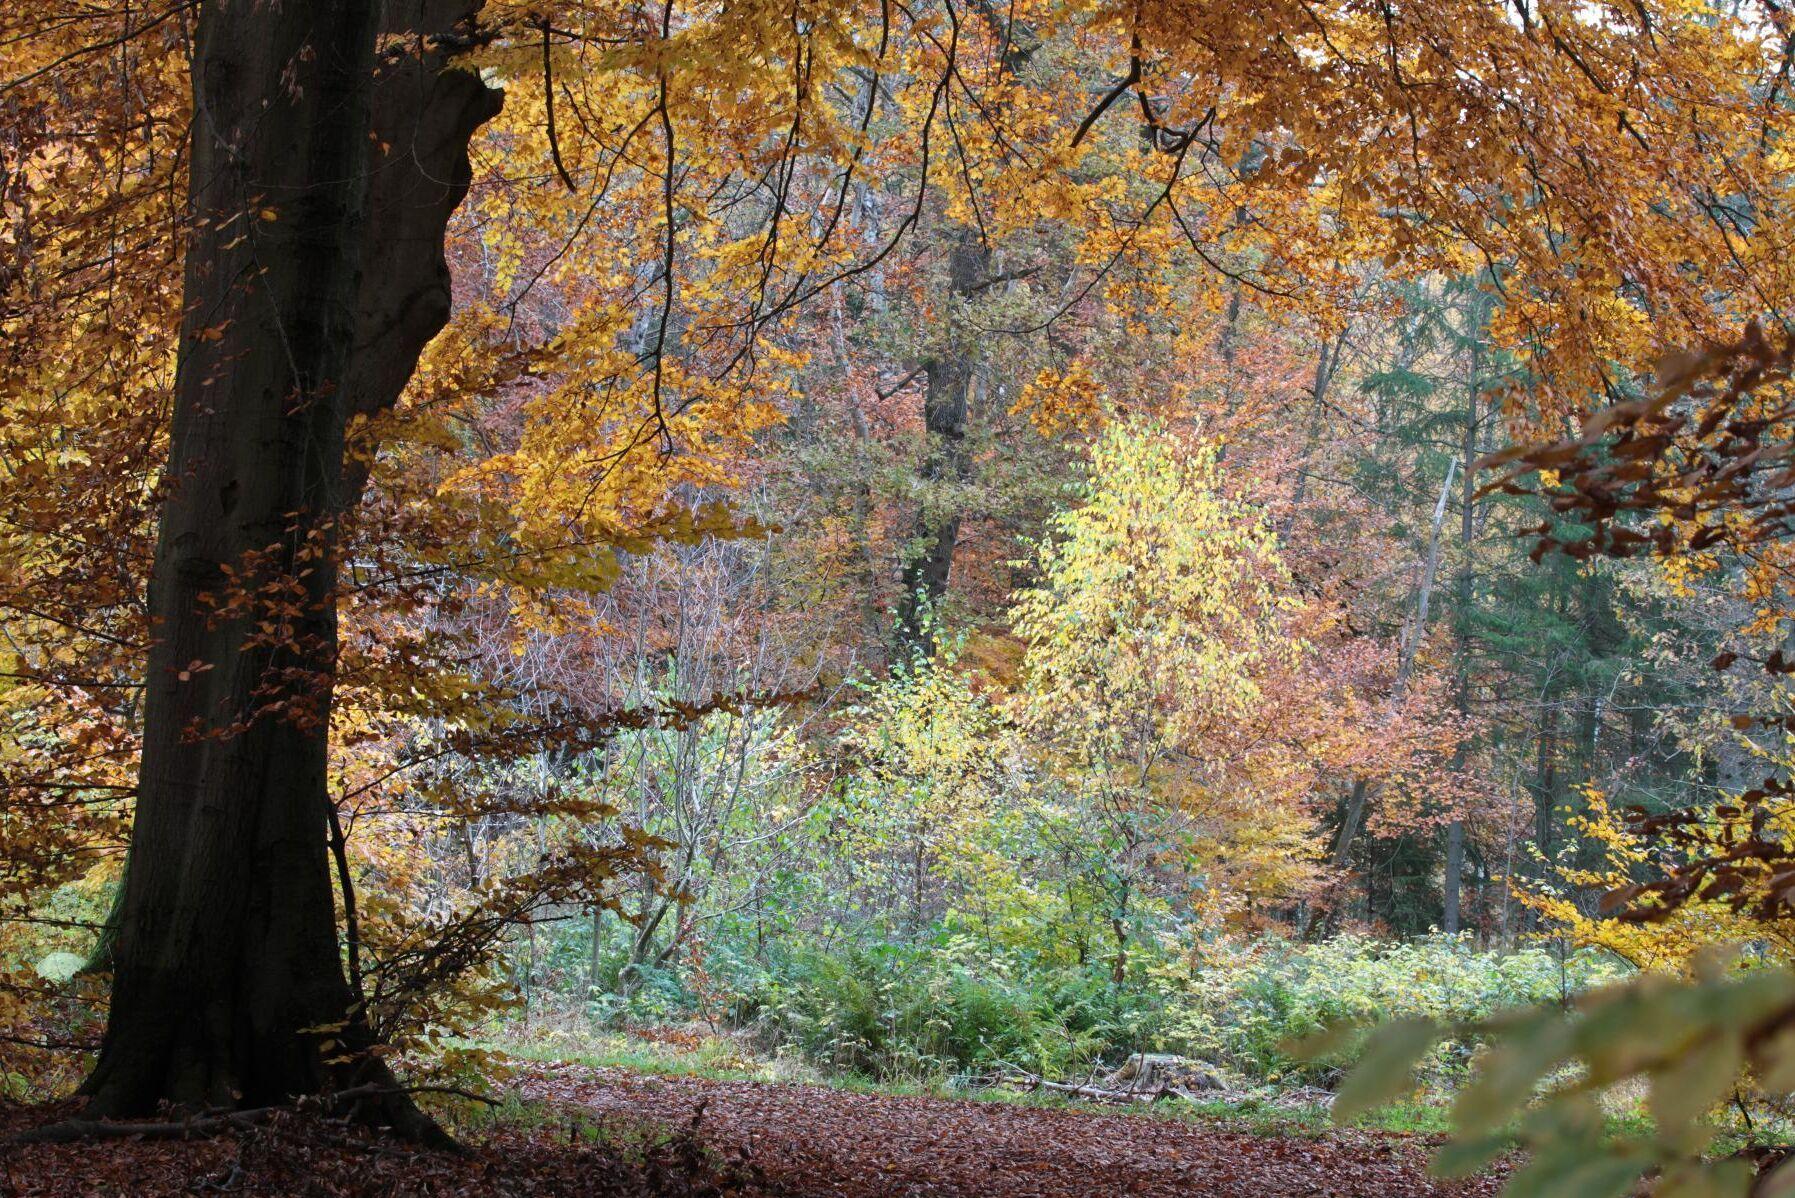 Danmark satsar 1,2 miljarder kronor på att avsätta orörd skog och förbättra för den biologiska mångfalden.